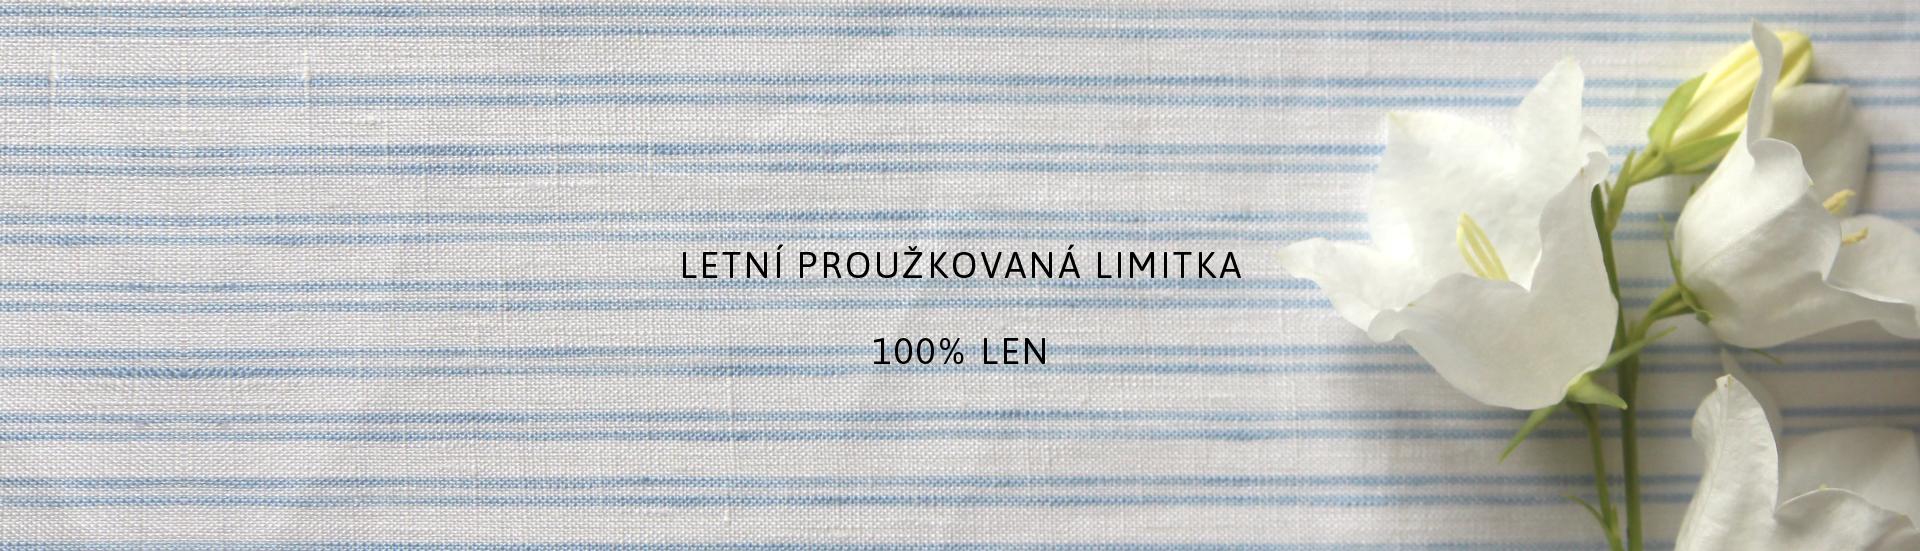 Letní limitovaná kolekce s modrým proužkem, 100% len